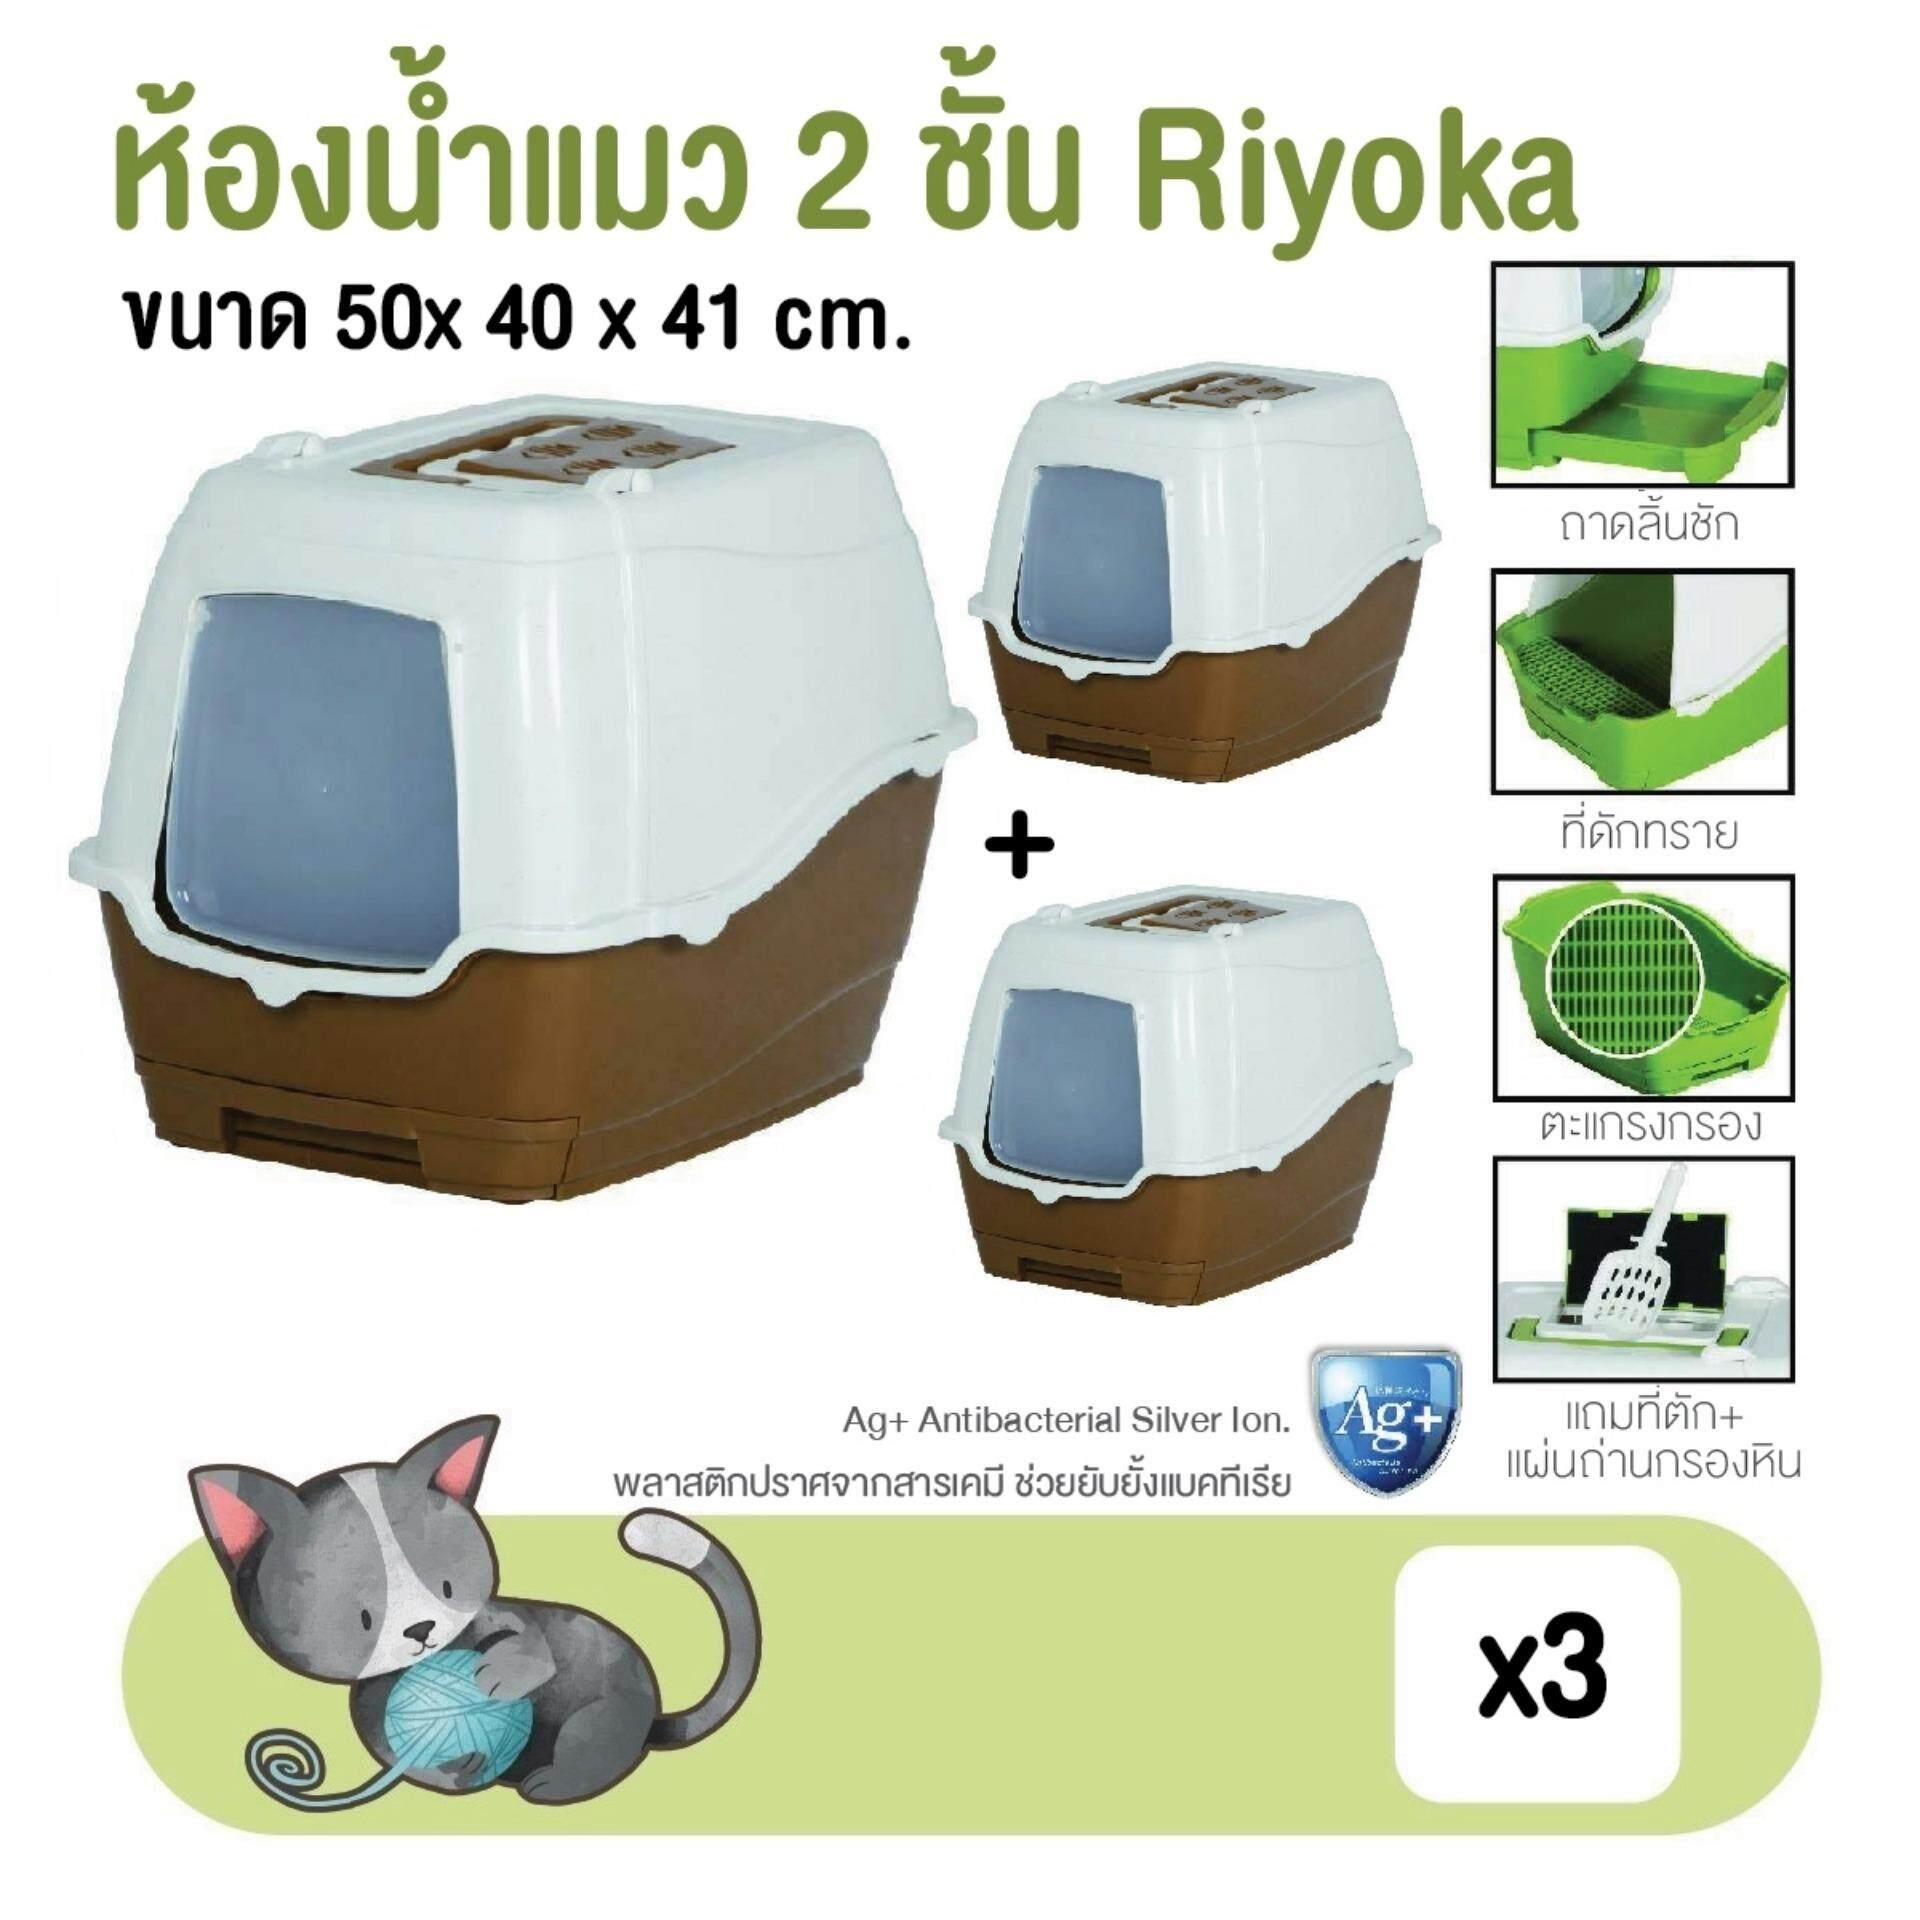 (3 ชิ้น) ห้องน้ำแมว 2 ชั้น ทรงโดมเปิดครึ่ง มีถาด สีน้ำตาล ขนาด 41x40x50 Cm.